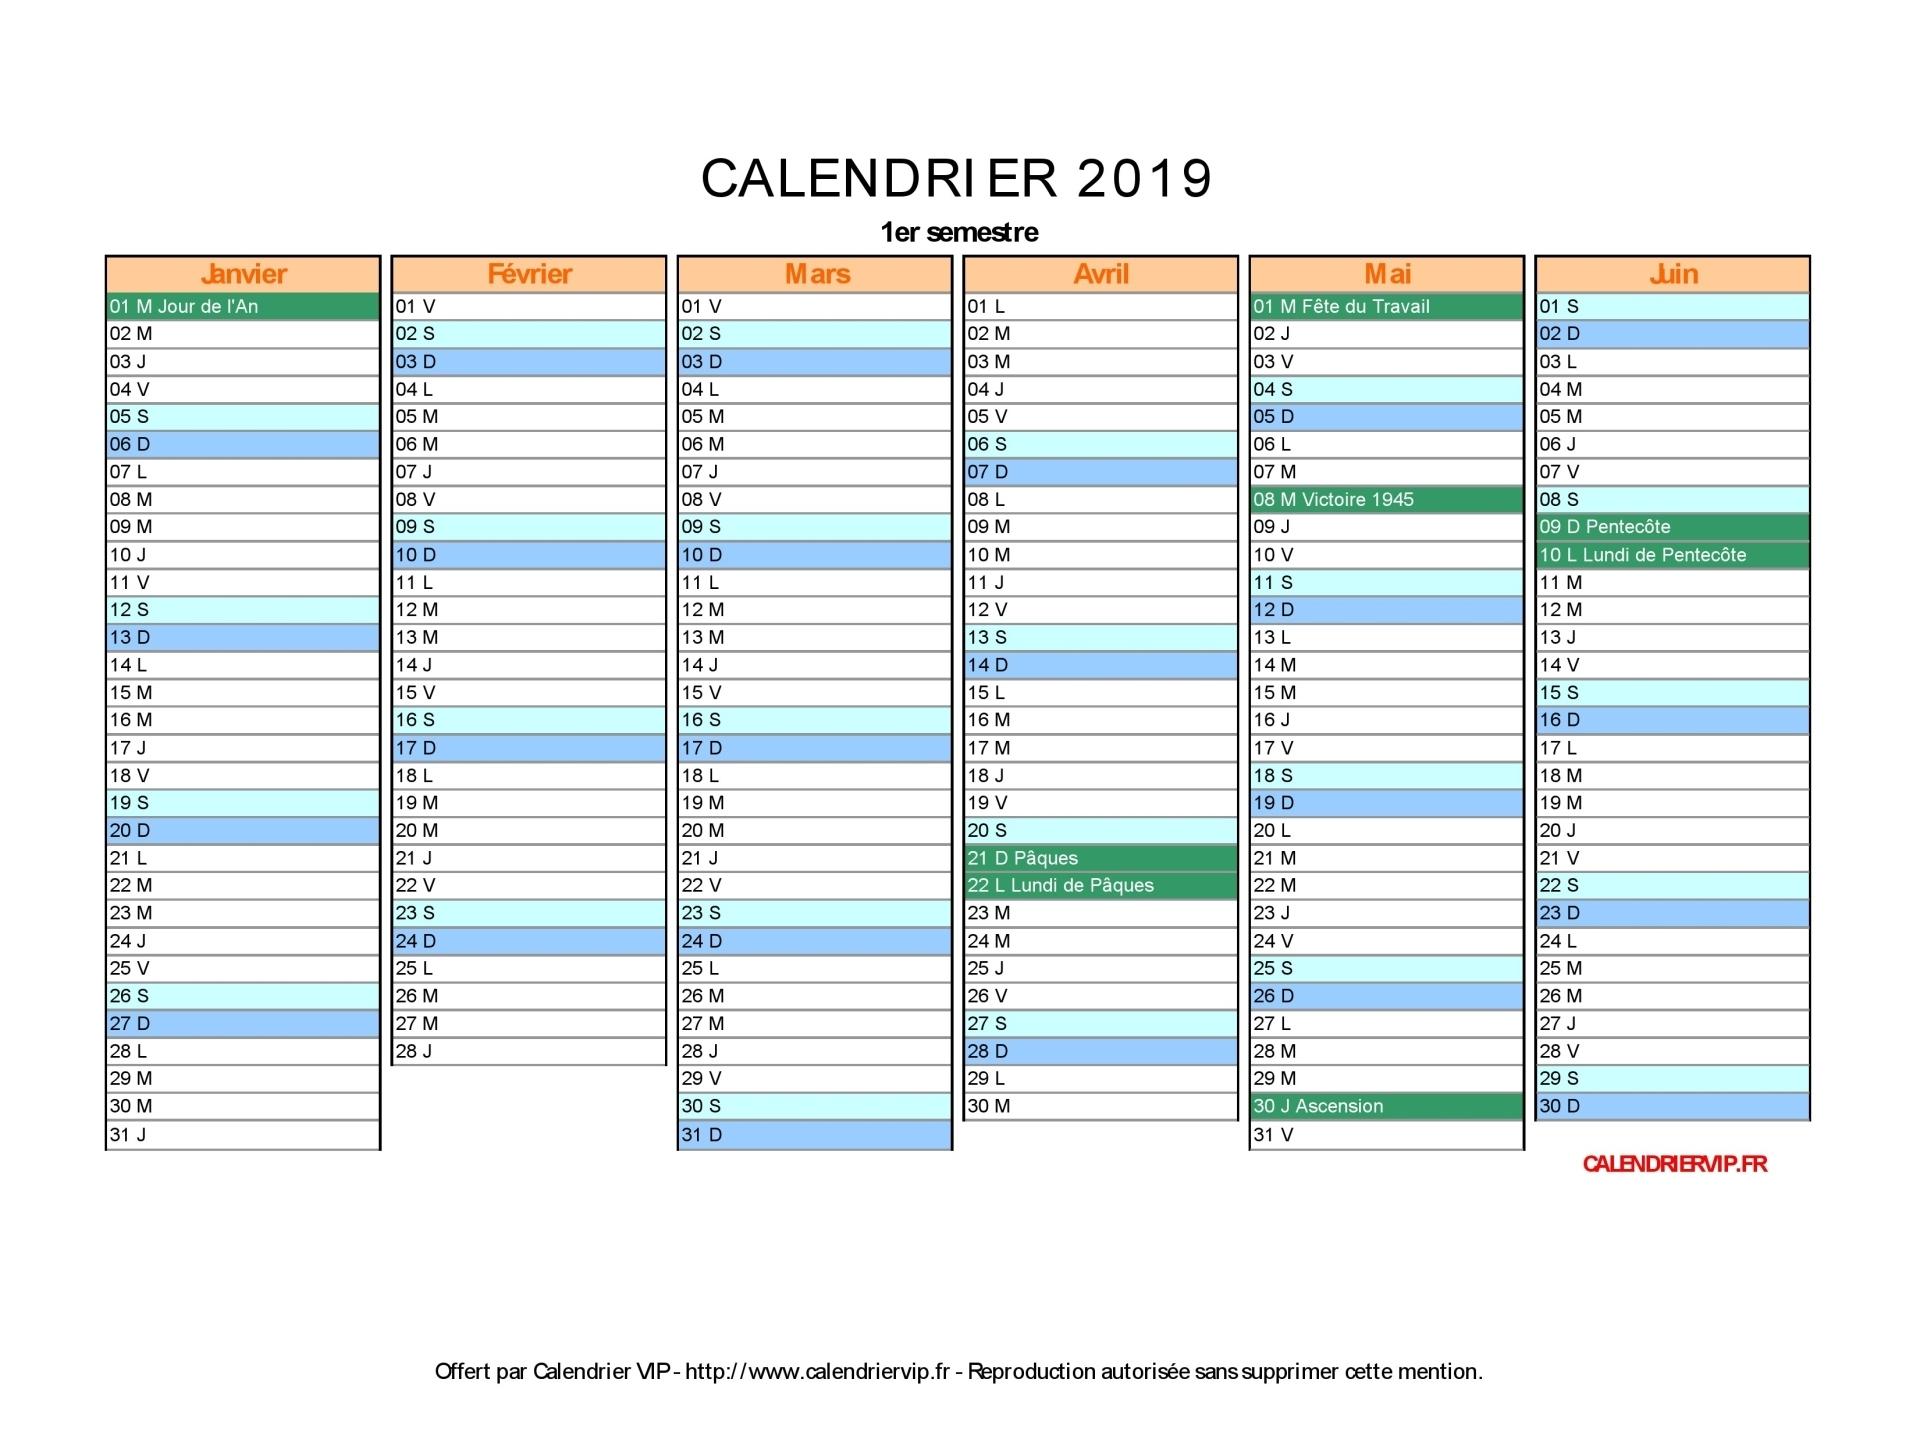 Calendrier 2019 À Imprimer Gratuit En Pdf Et Excel destiné Calendrier 2019 Avec Jours Fériés Vacances Scolaires À Imprimer